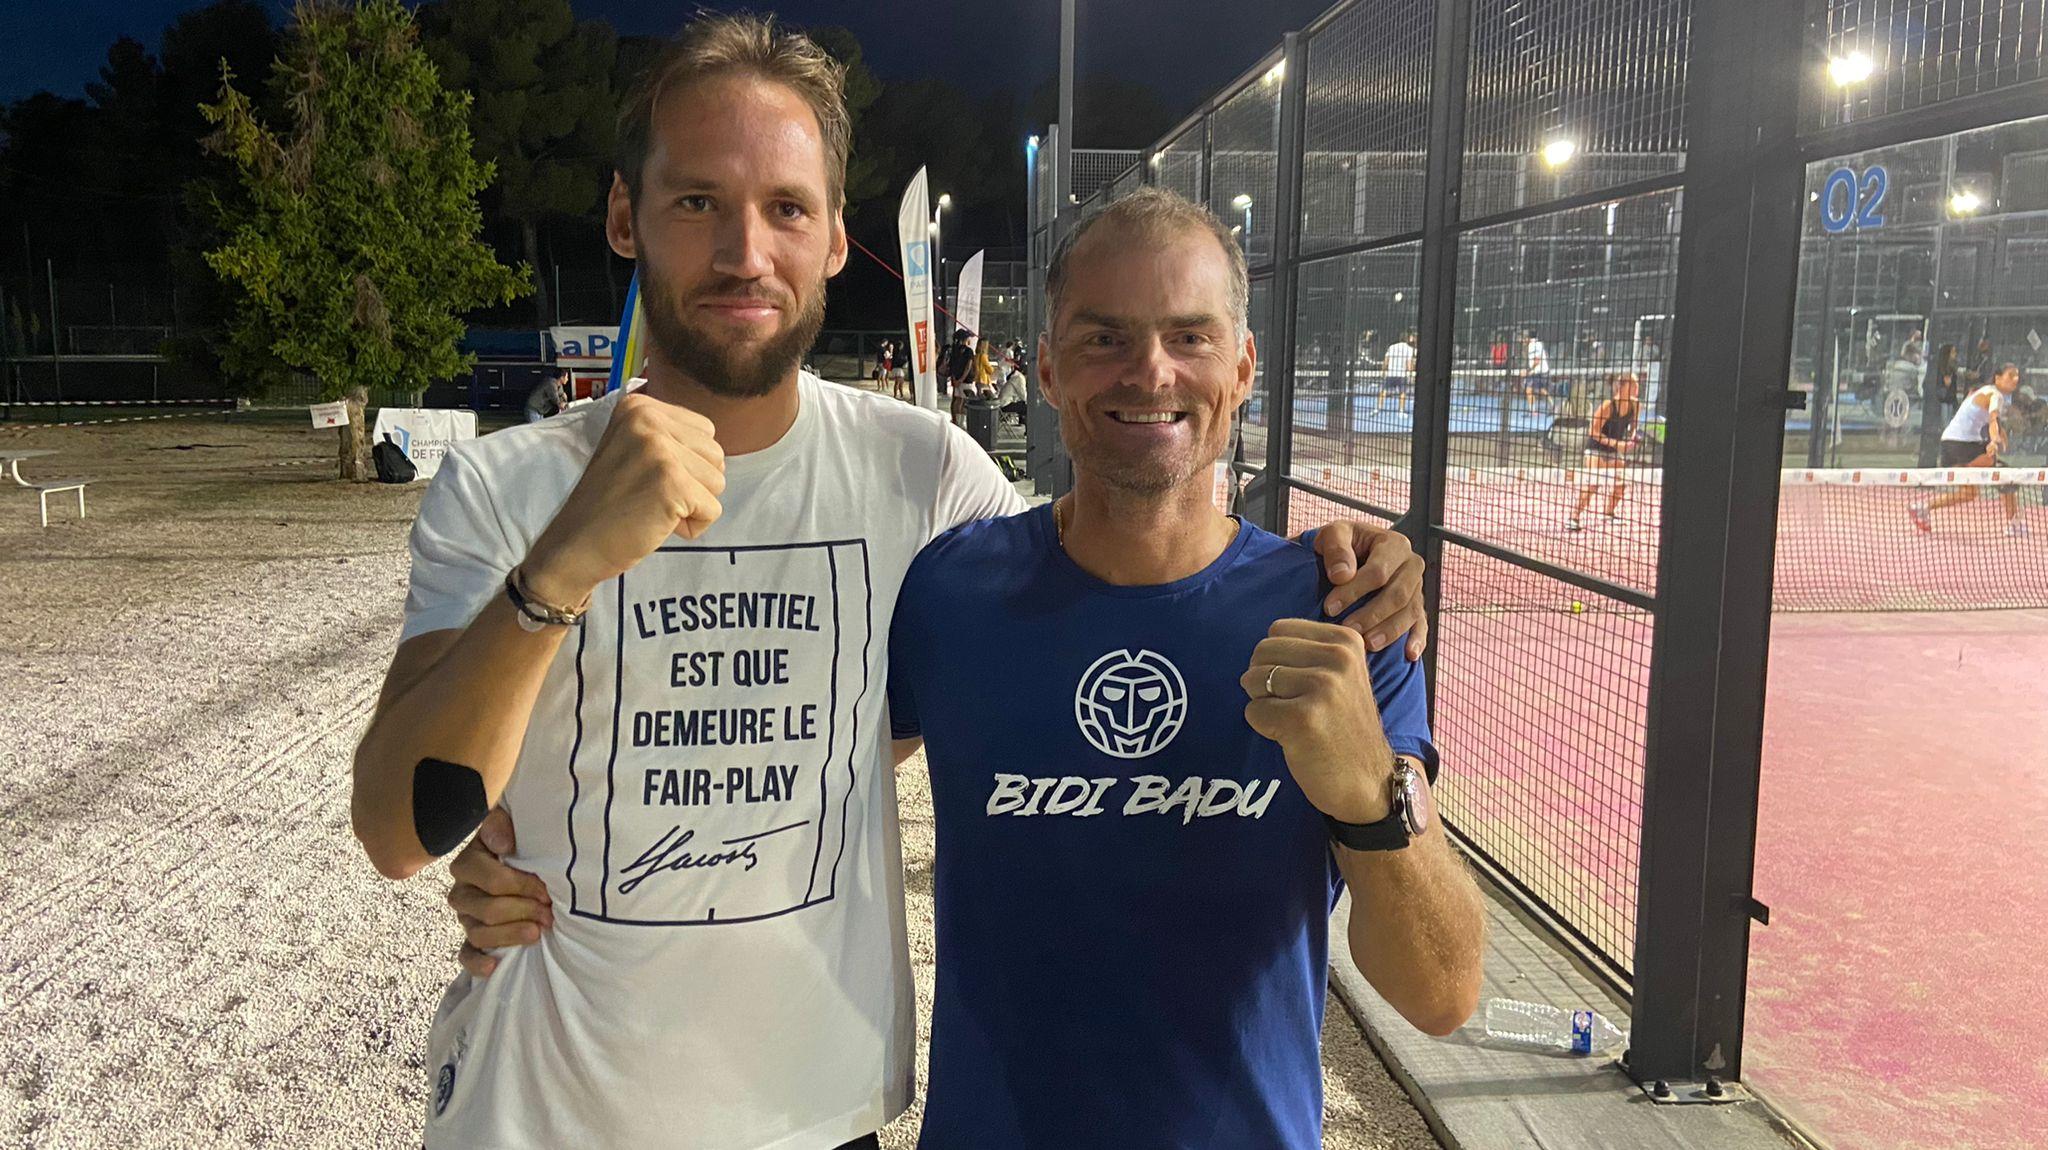 Teri Groll et Christophe Henry aux championnats de France 2021